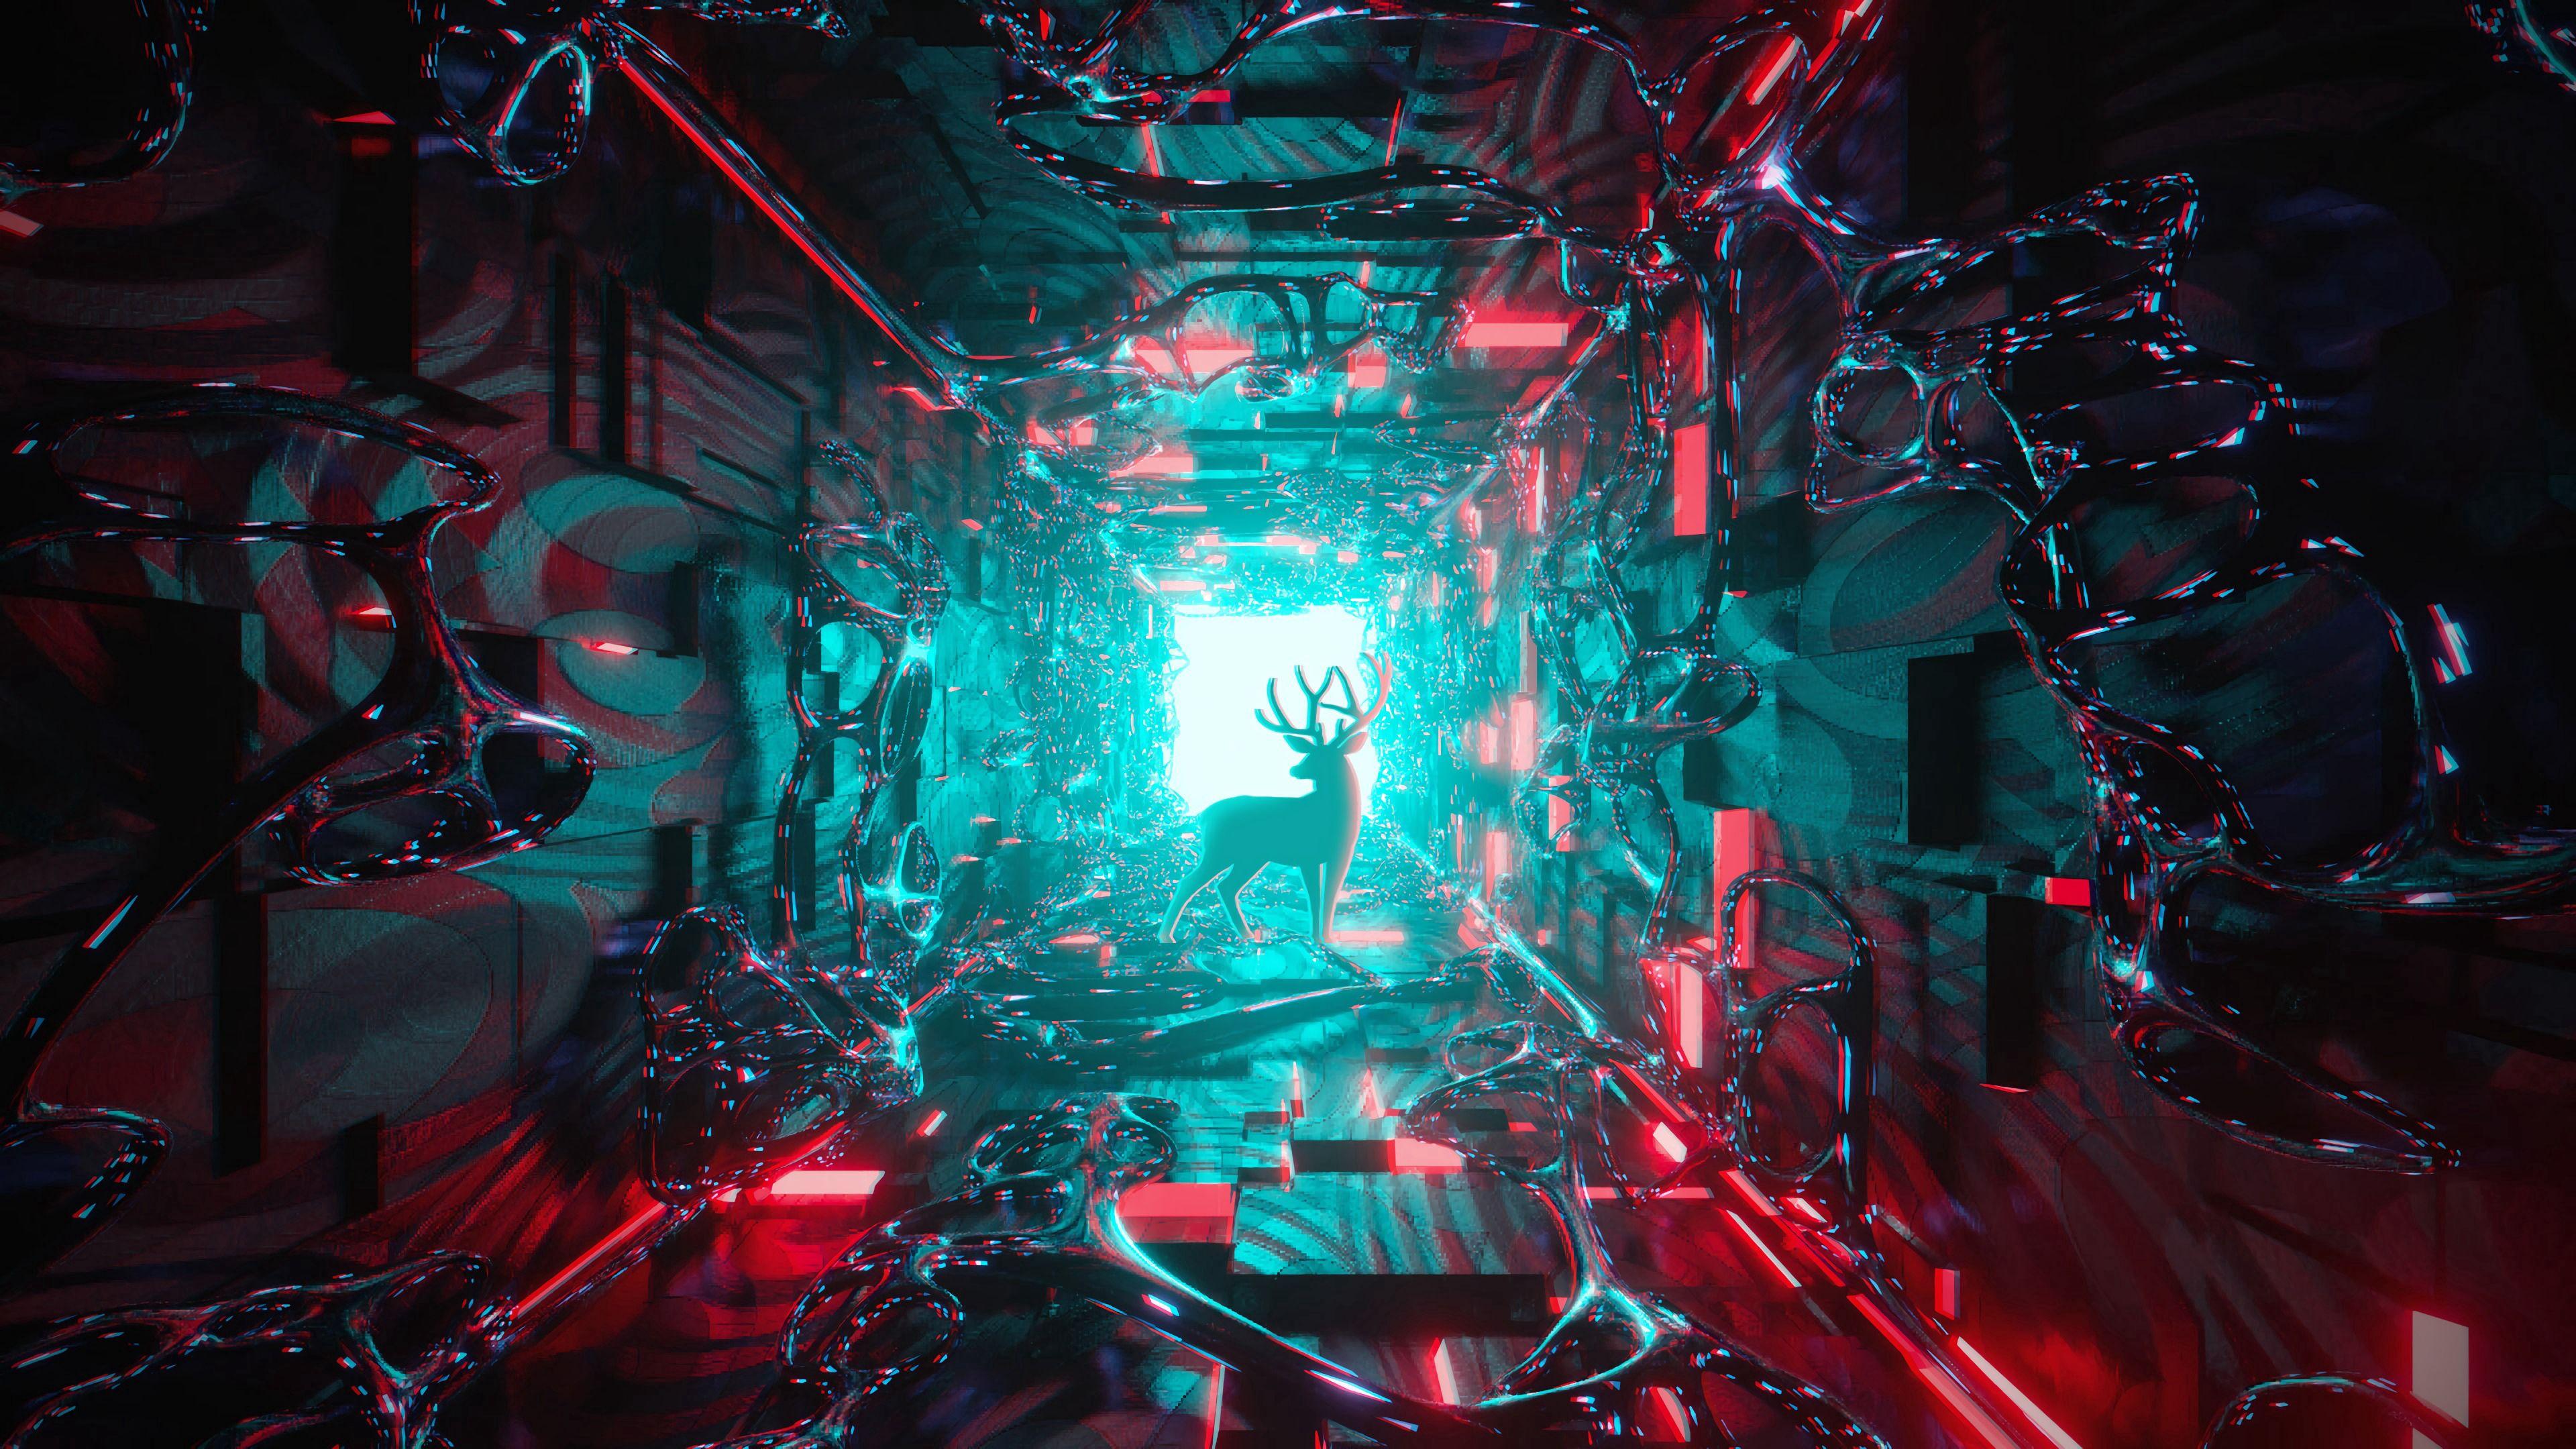 免費下載 118751: 艺术, 鹿, 闪耀, 光, 3D, 隧道 桌面壁紙